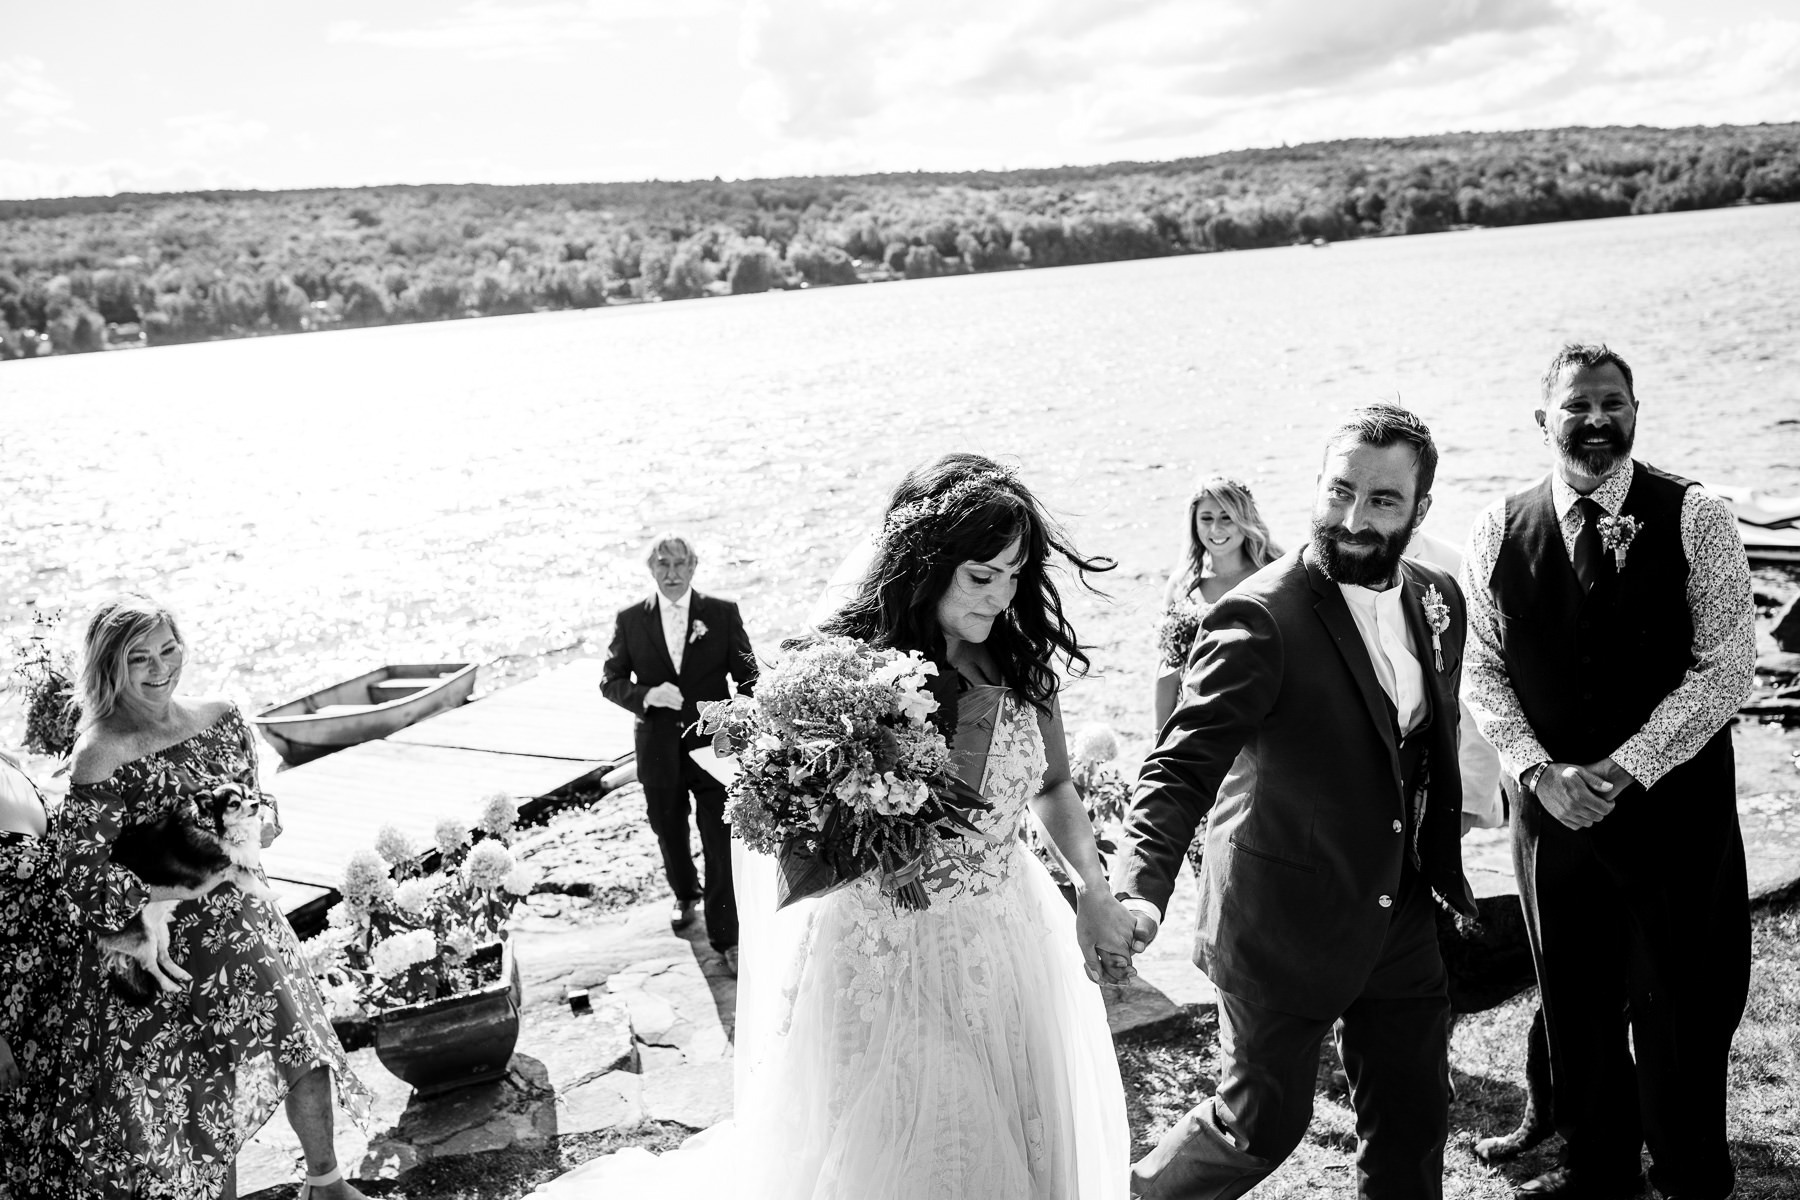 Adirondacks NY Lake Elopement Ceremony Foto | De bruid en bruidegom verlaten hun huwelijksceremonie aan het meer